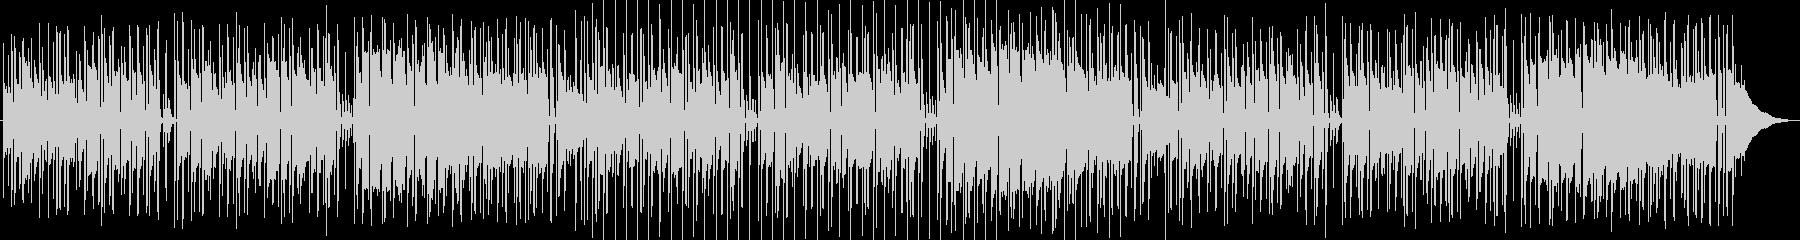 アニメ劇伴風のお洒落ポップスBGMの未再生の波形